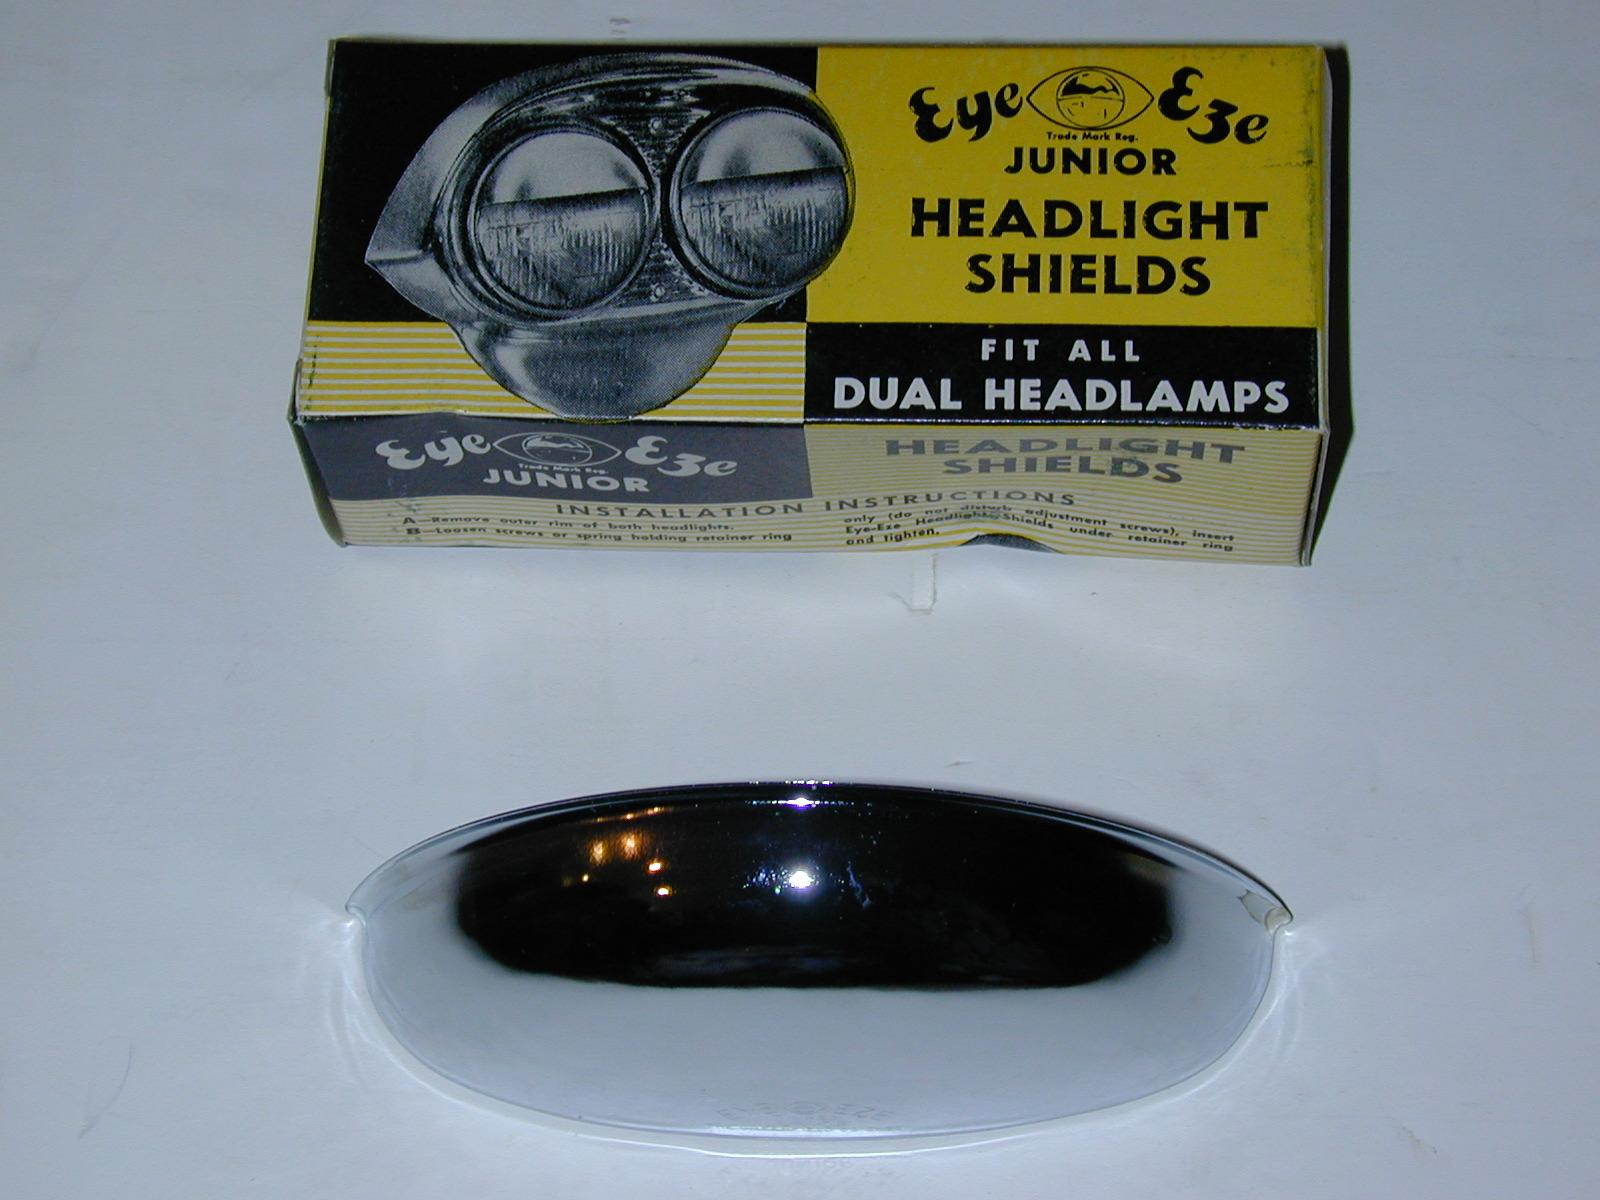 New 1950's mfg headlight eyebrow shields GM Ford Mopar AMC Rat Rod # EZ1 (zd EZ1)